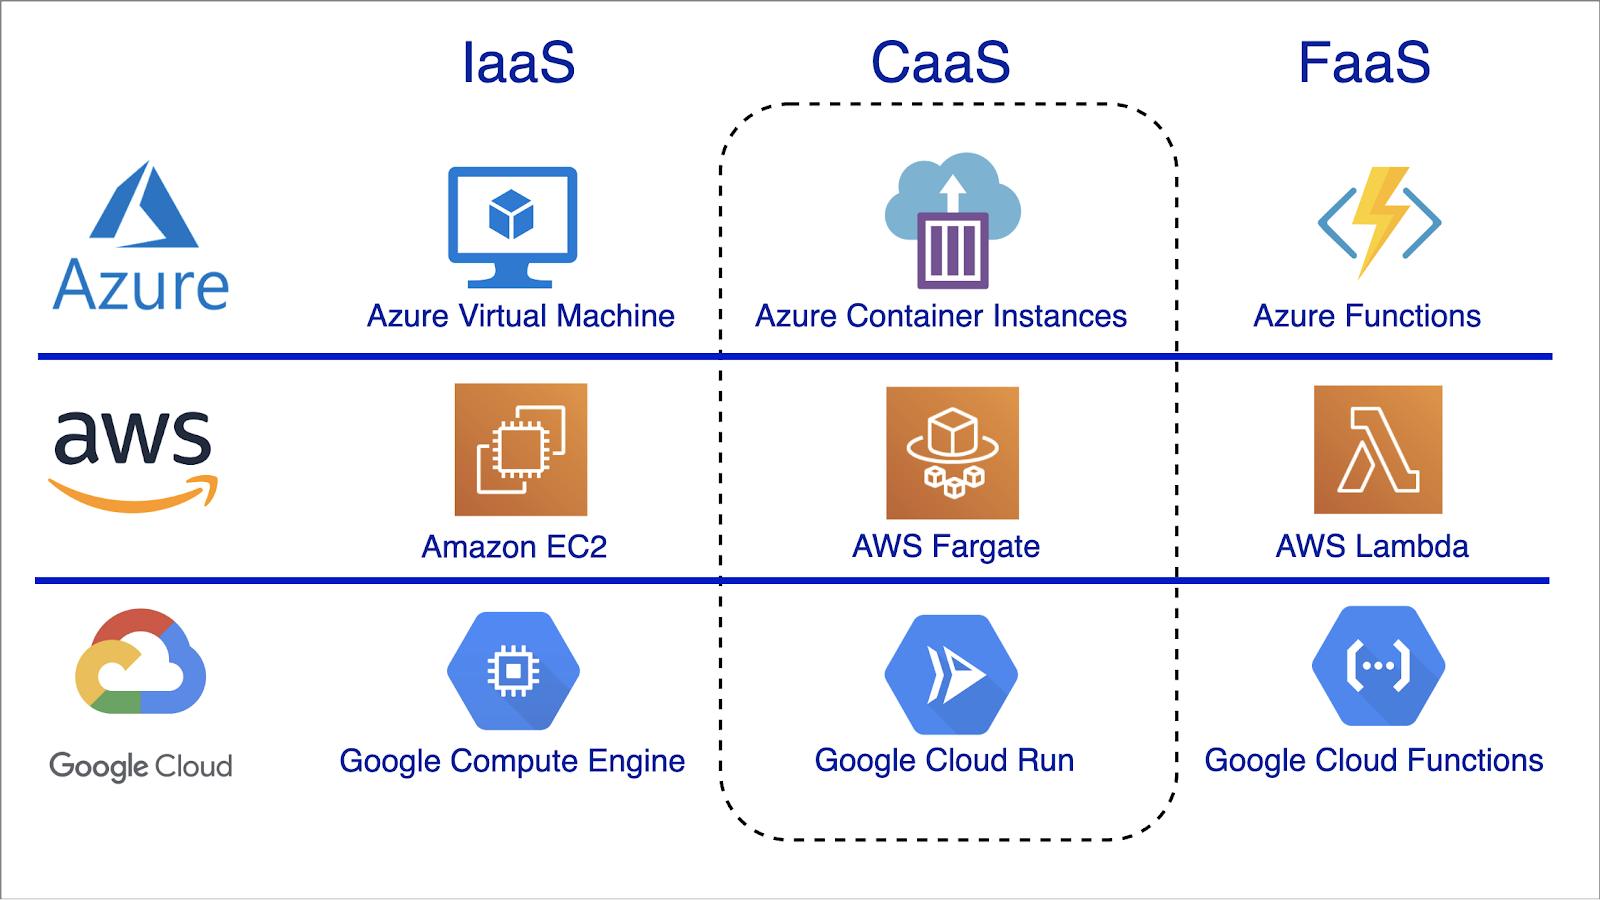 Software services comparison